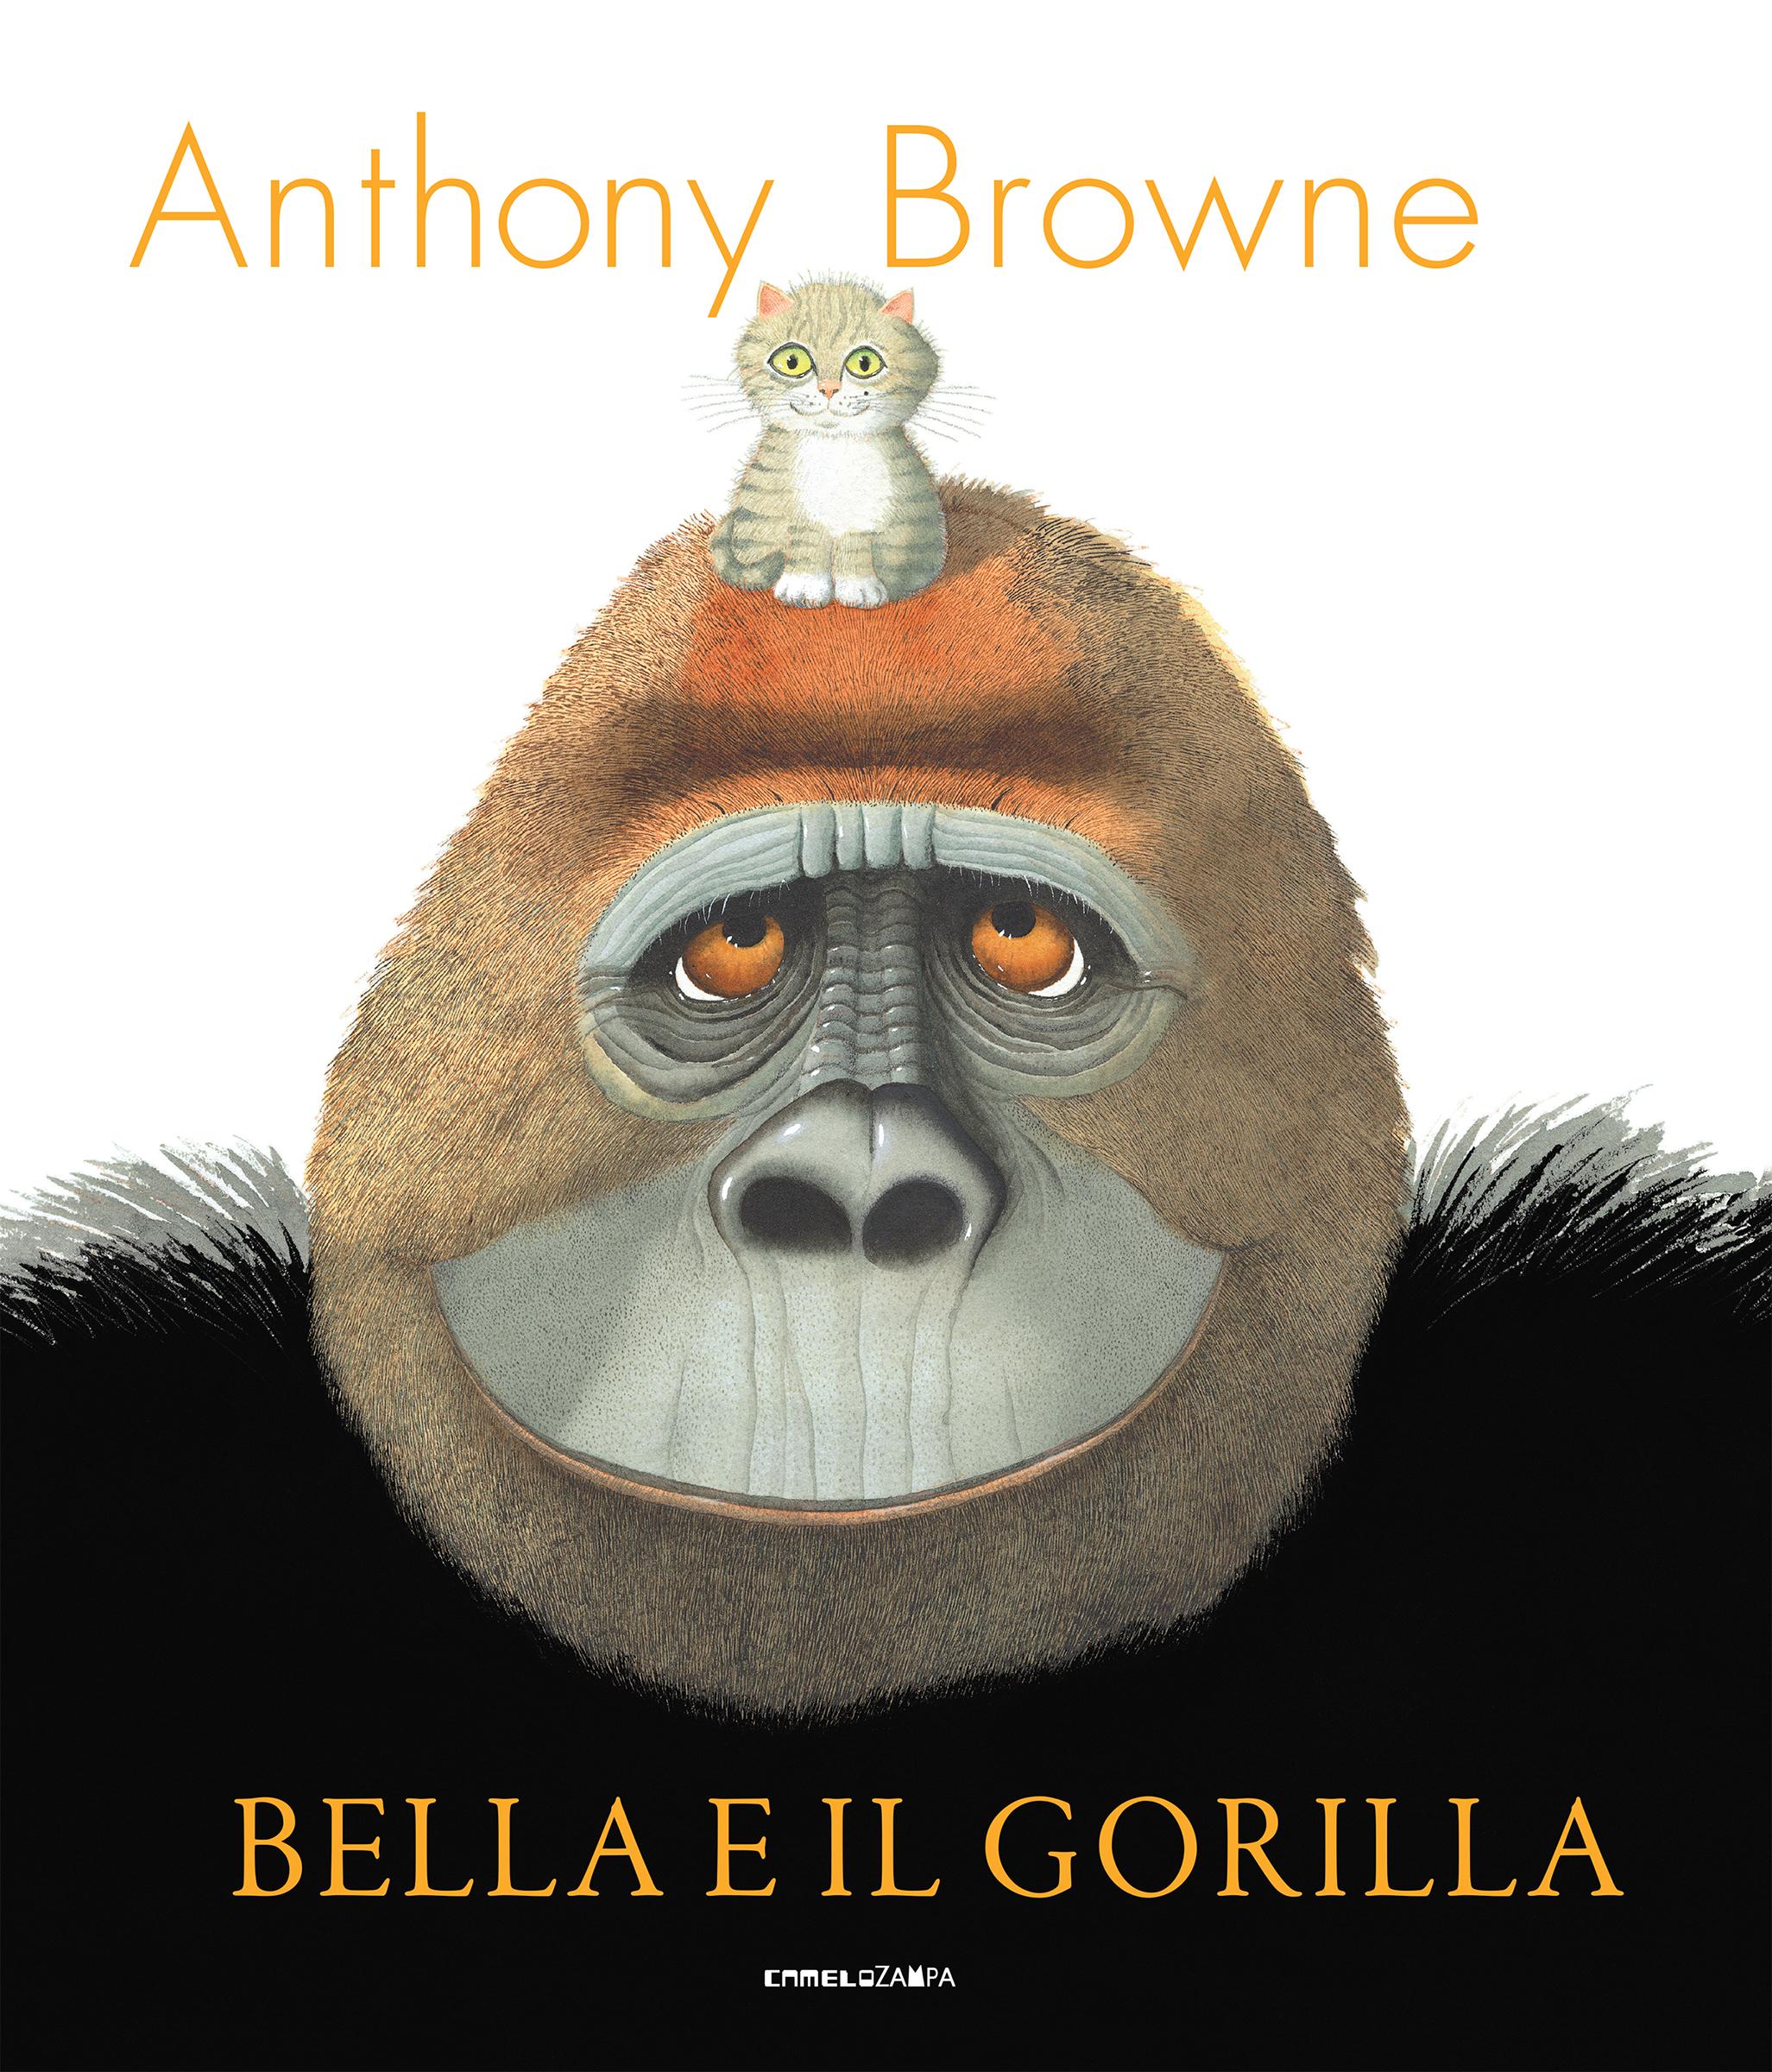 Risultati immagini per bella e il gorilla